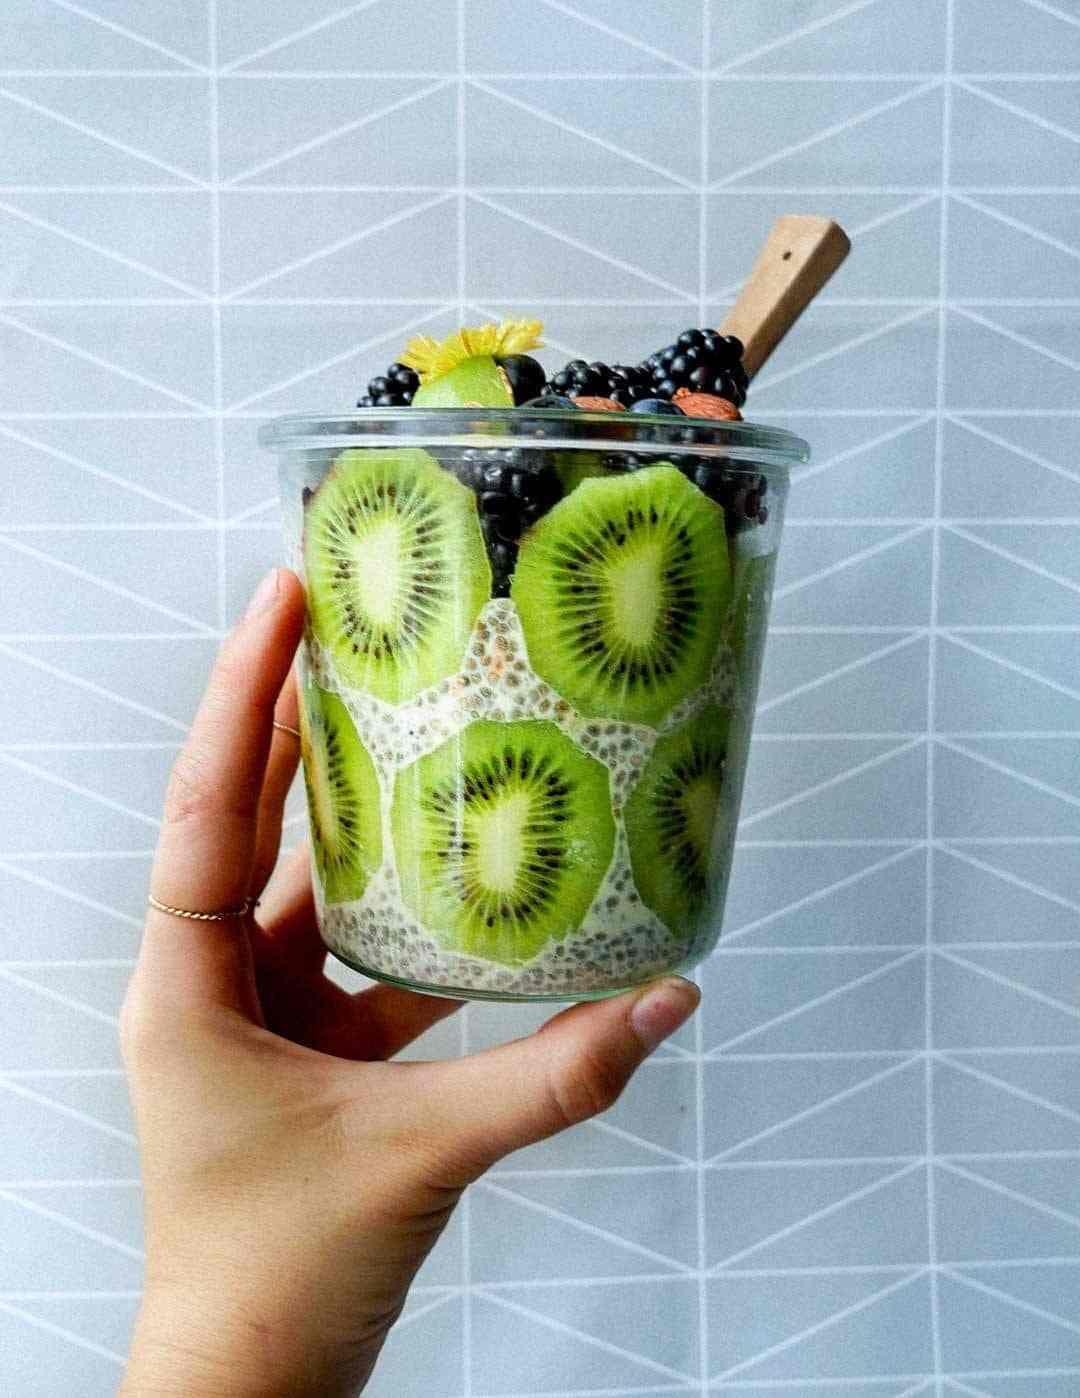 kiwi chia berries